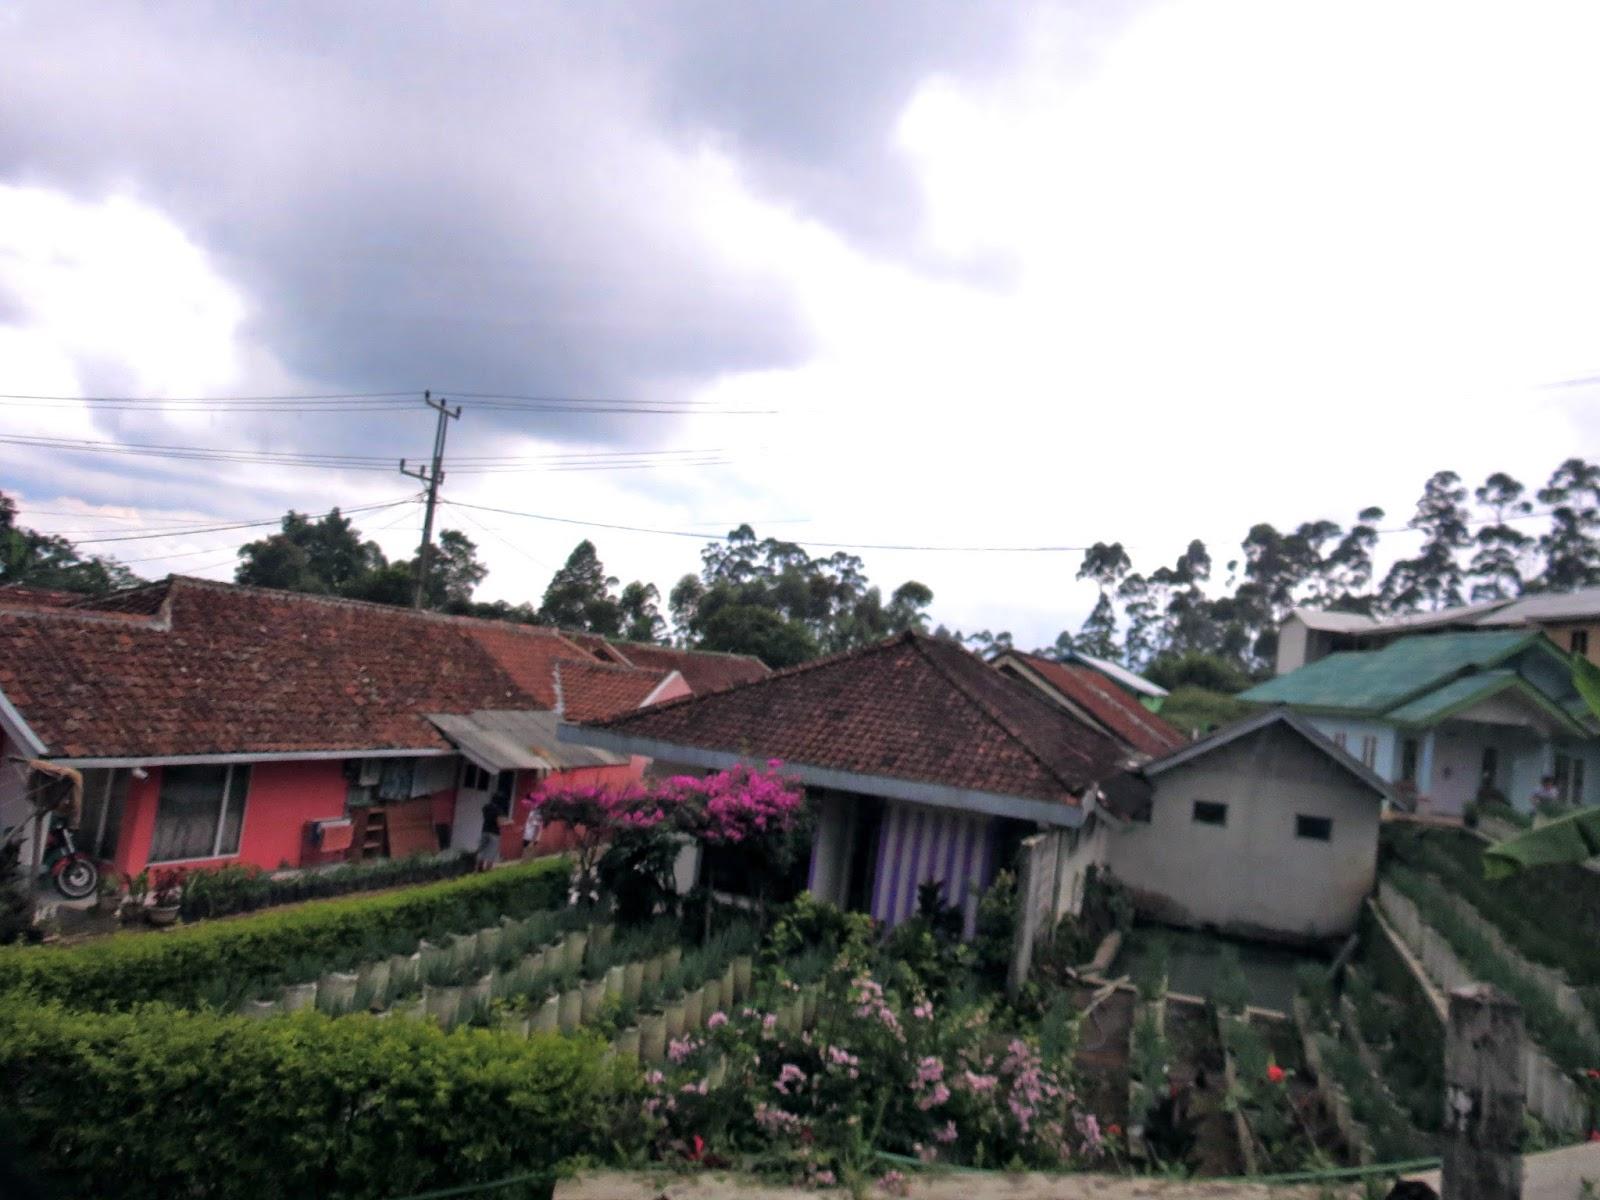 Bandung fields